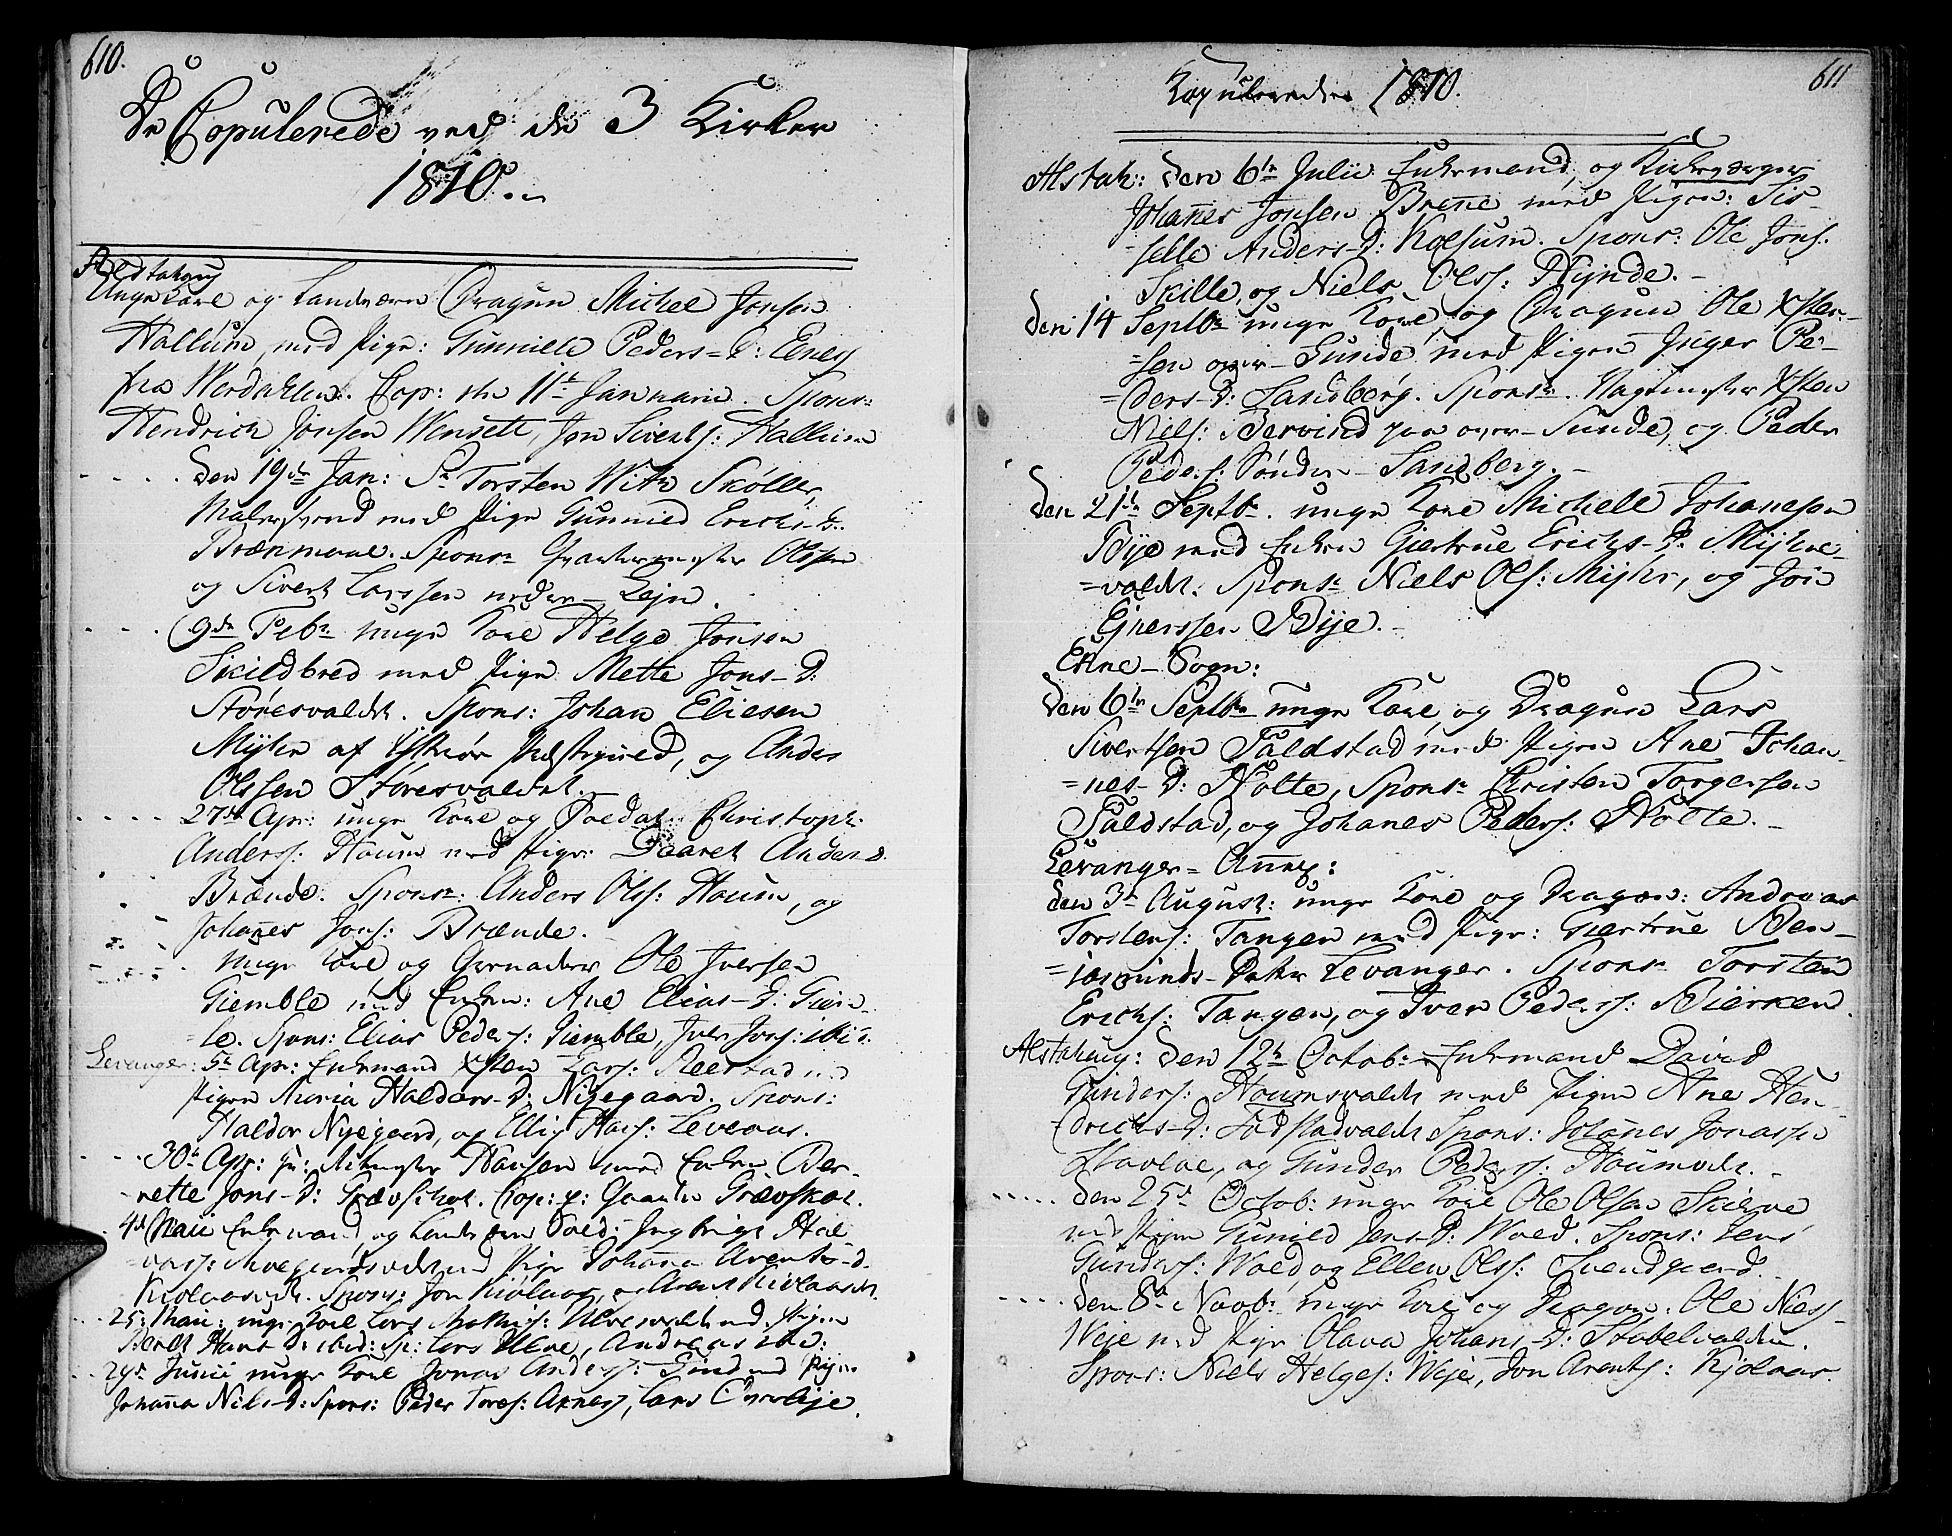 SAT, Ministerialprotokoller, klokkerbøker og fødselsregistre - Nord-Trøndelag, 717/L0145: Ministerialbok nr. 717A03 /1, 1810-1815, s. 610-611